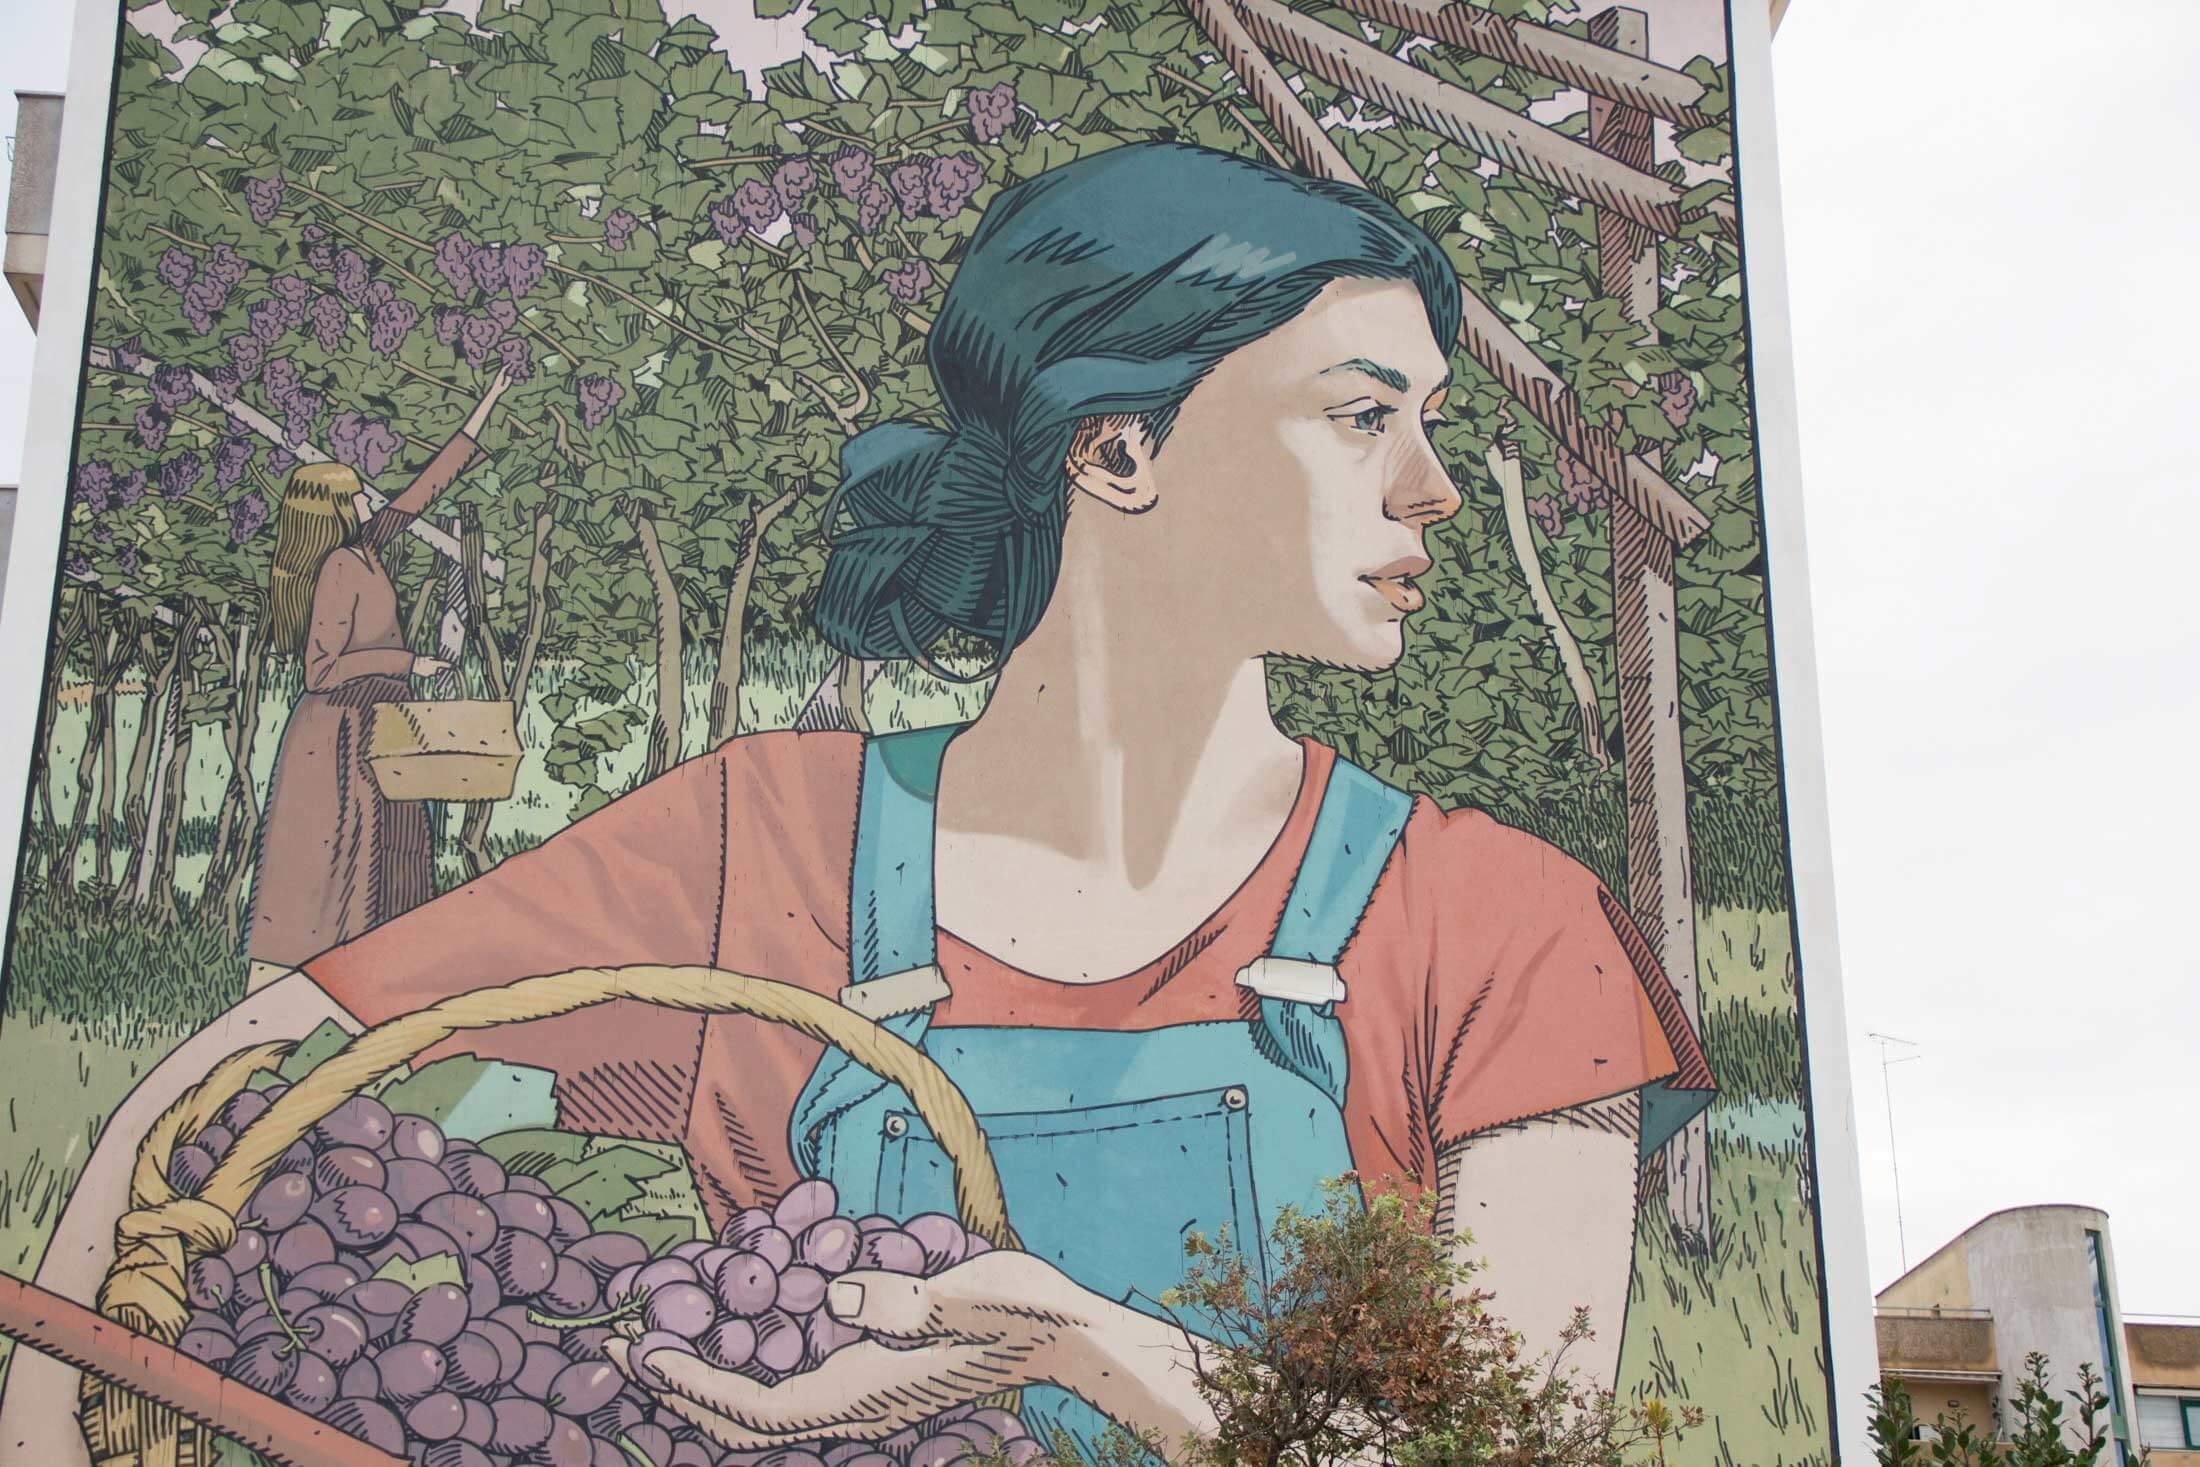 Mujer con uvas graffiti Taxis